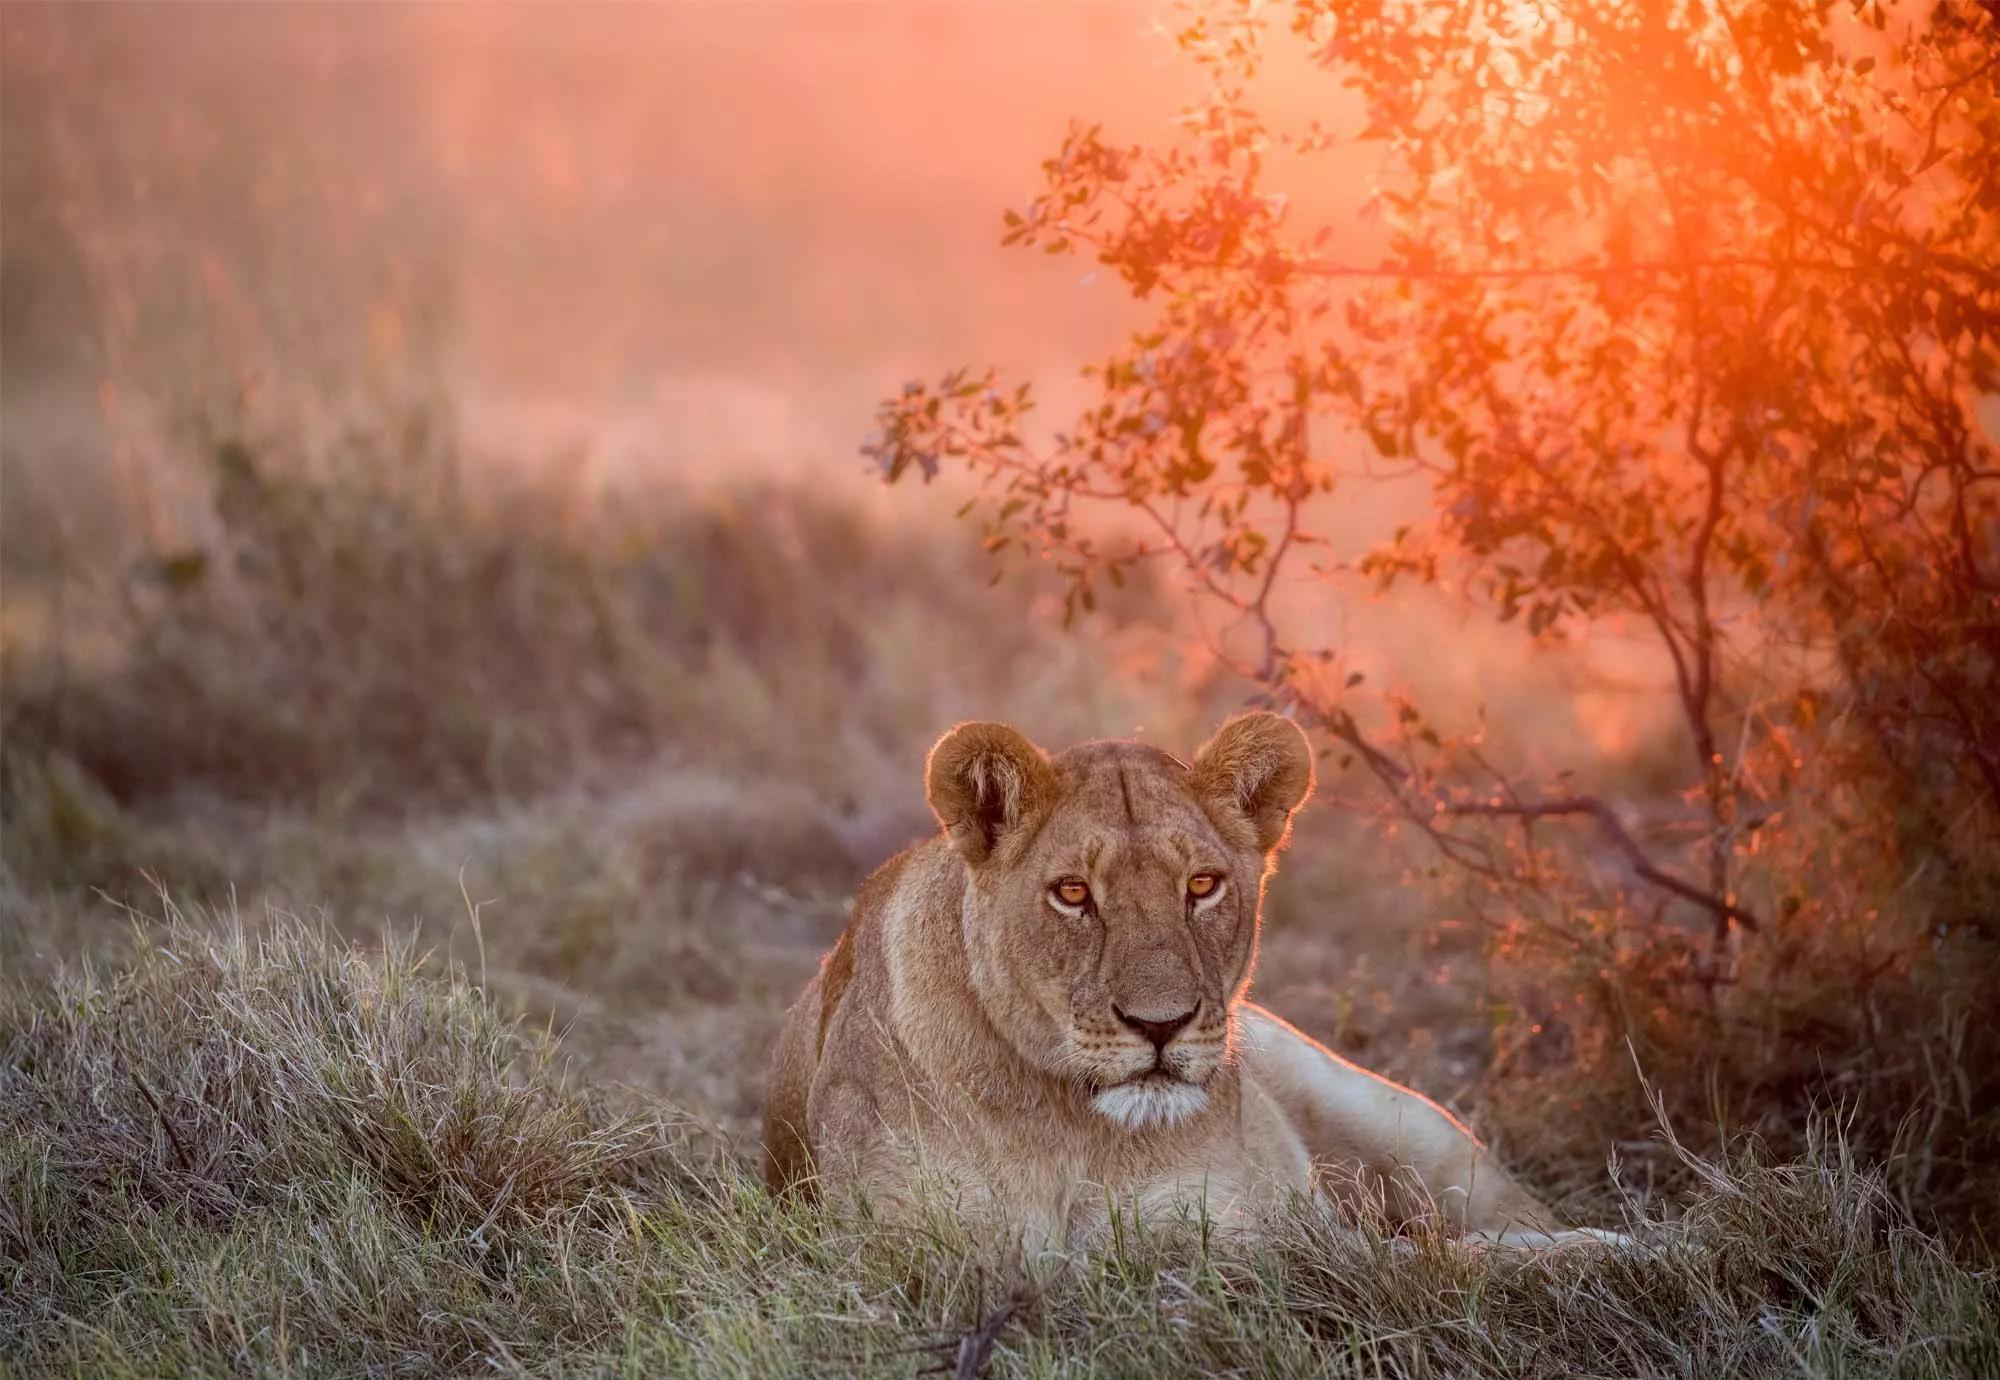 Fali poszter oroszlán és napfelkelte az afrikai szavannán